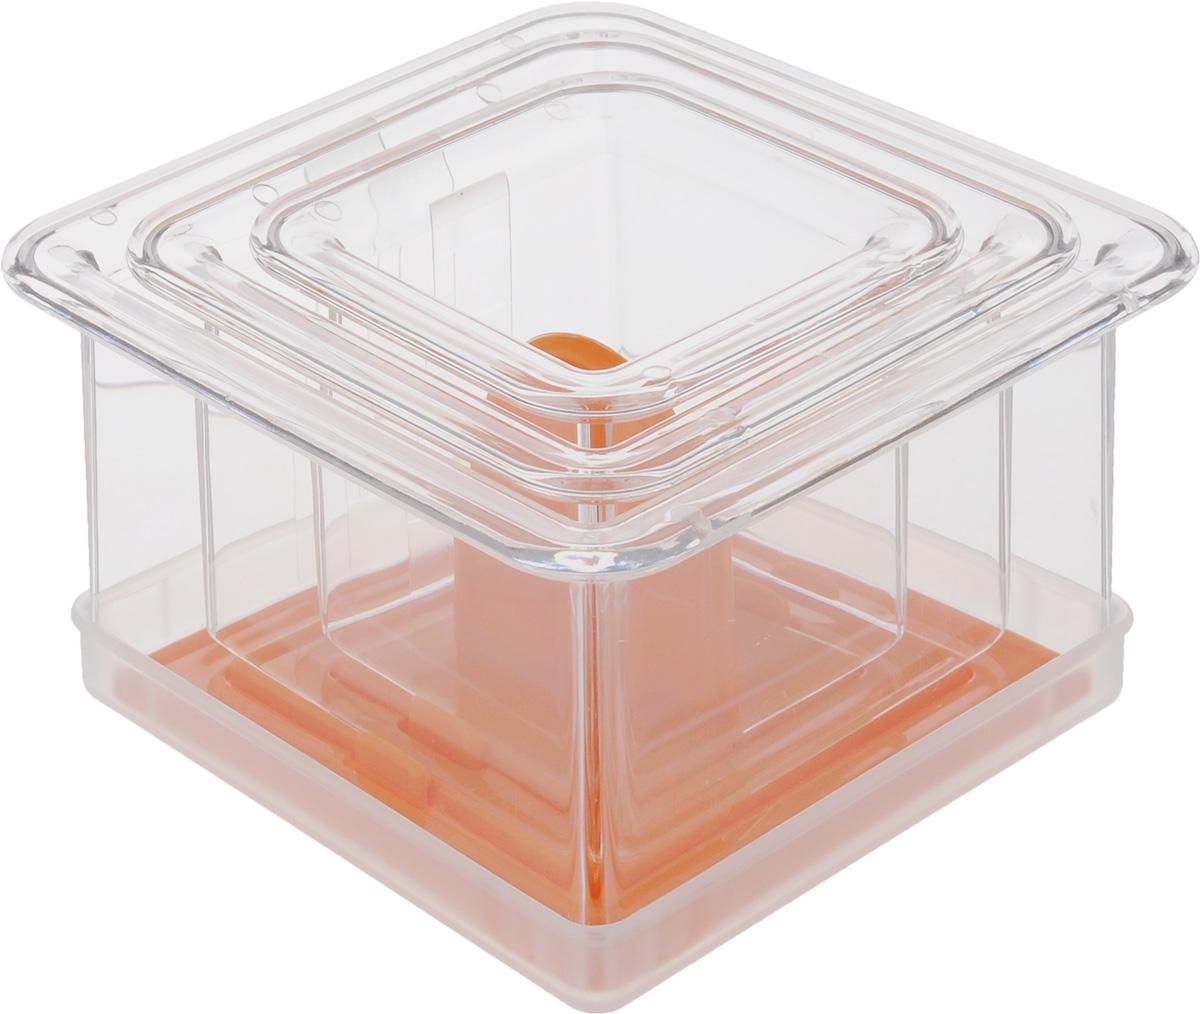 Набор для придания блюдам формы Tescoma Presto FoodStyle, квадраты422212Набор Tescoma Presto FoodStyle состоит из трех квадратных формочек, которые отлично подойдут для придания формы блюдам и приготовления многослойных закусок, гарниров и десертов. В комплект входят 3 квадратные формы со шкалой для равномерной укладки слоев, универсальный пресс и крышка для хранения. Предметы набора изготовлены из прочного пищевого пластика. Можно мыть в посудомоечной машине. В комплекте прилагается инструкция по эксплуатации и рецепты. Внутренний размер форм: 9 х 9 см; 7 х 7 см; 5 х 5 см.